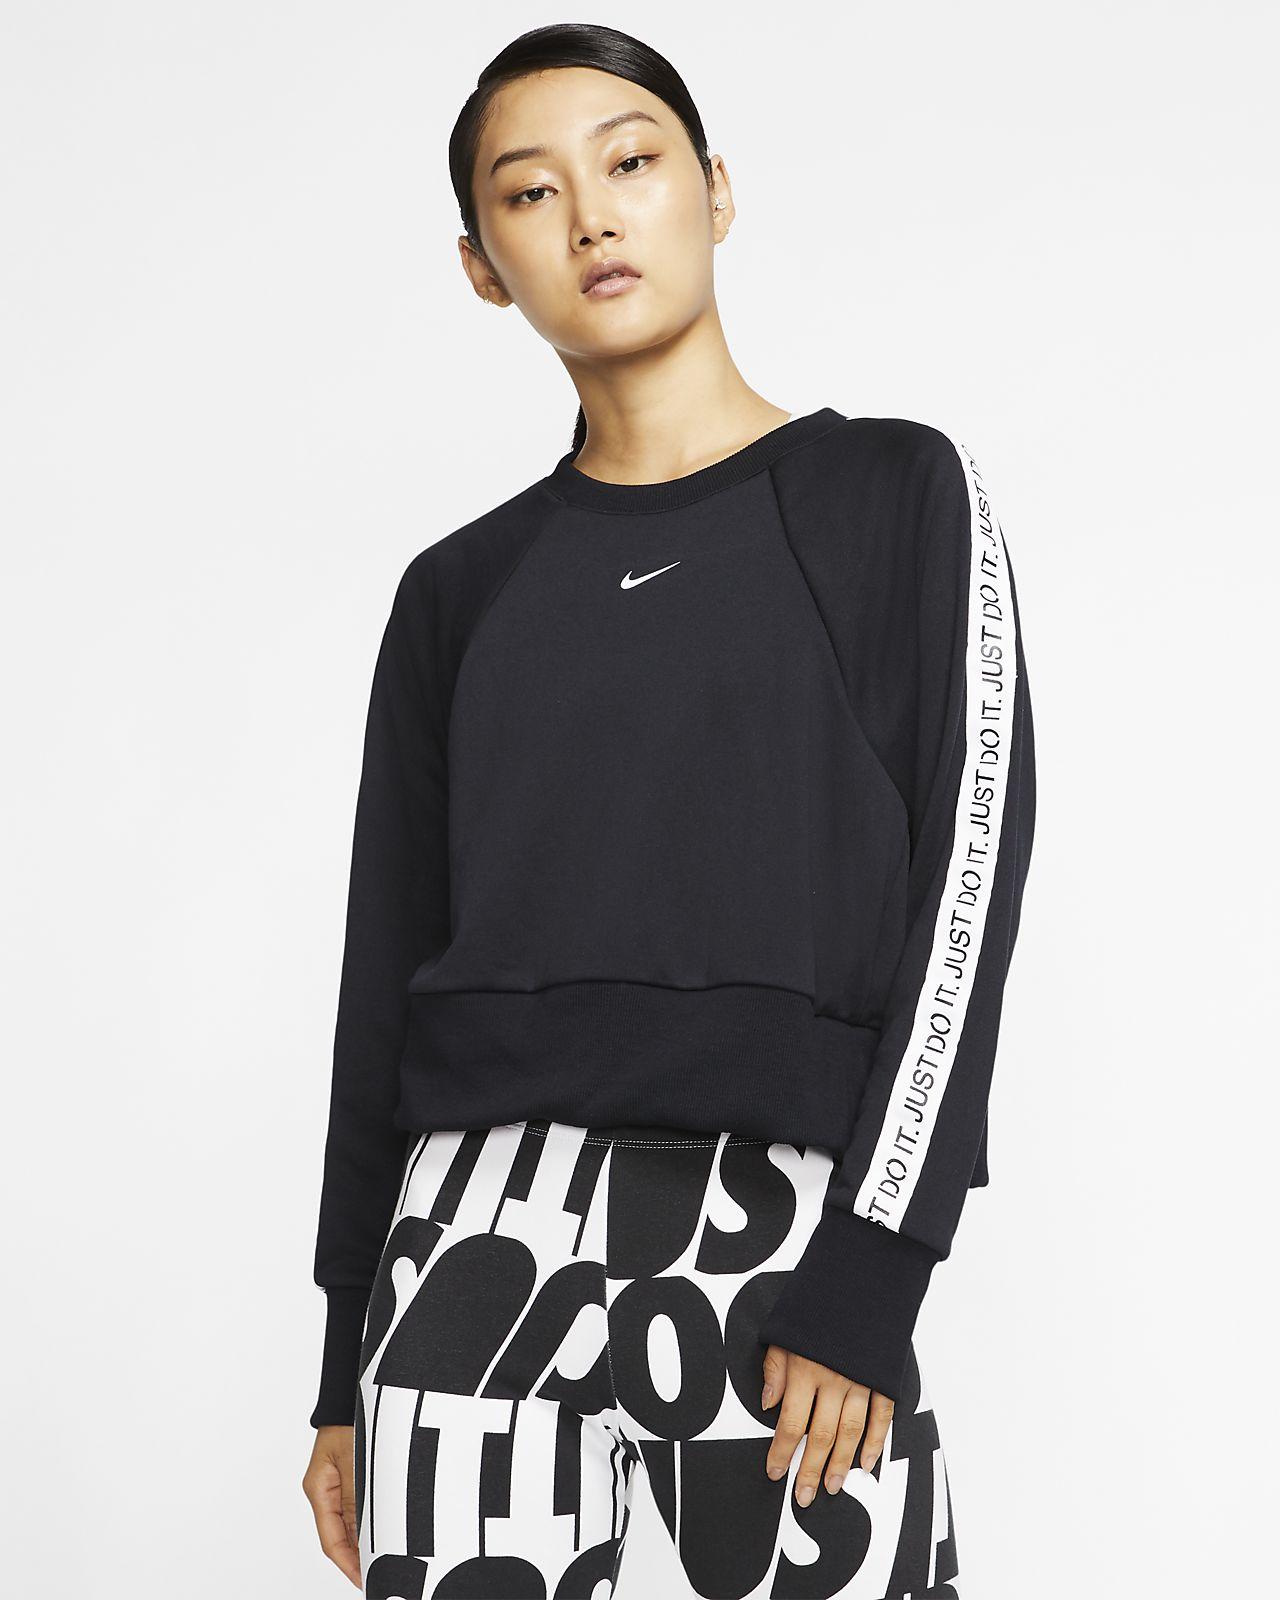 Träningströja med rund hals i fleece JDI Nike Dri-FIT Get Fit för kvinnor